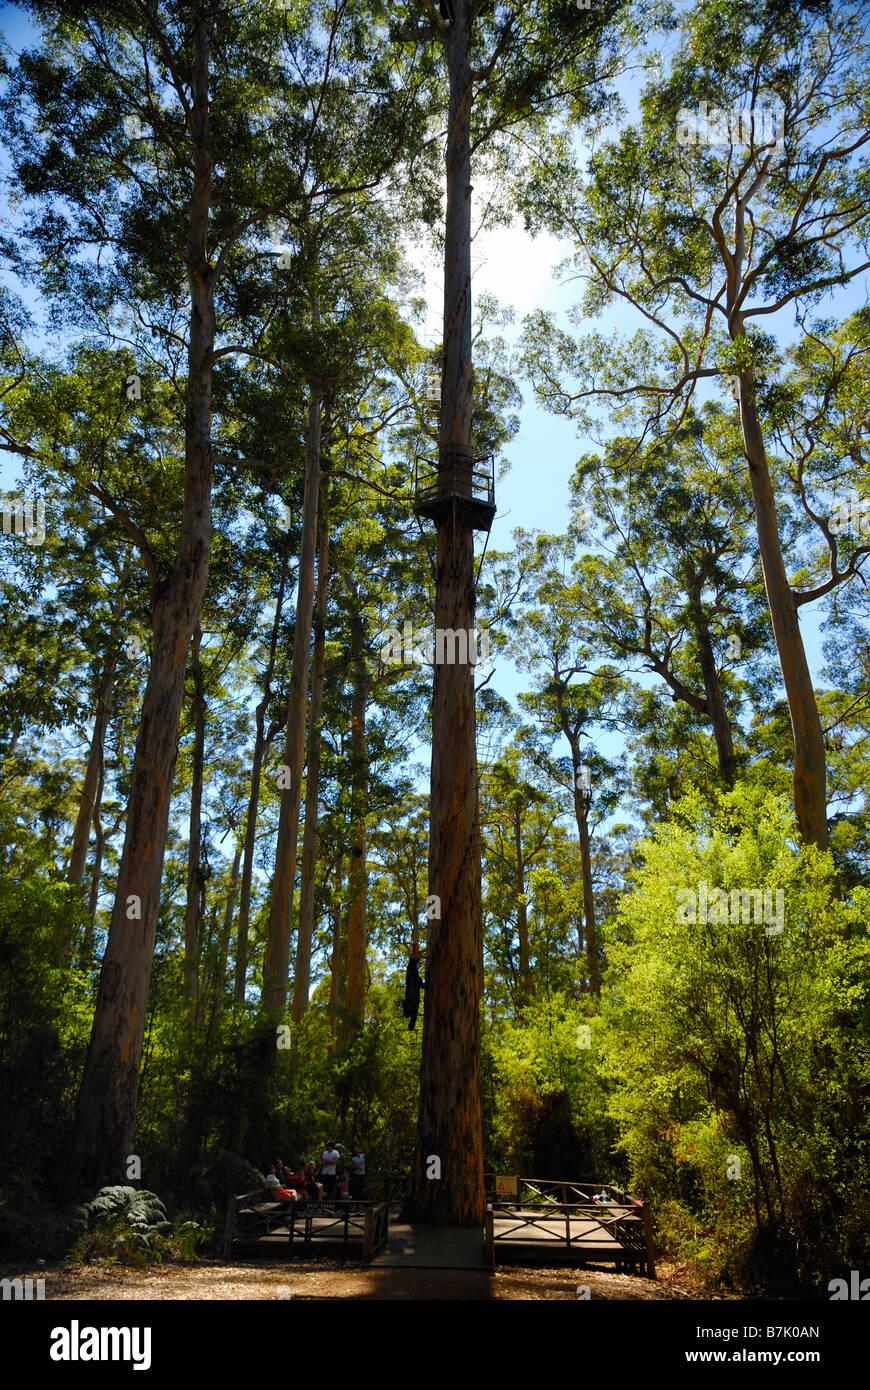 Bicentennial Tree lookout in Warren National Park near Pemberton Western Australia - Stock Image